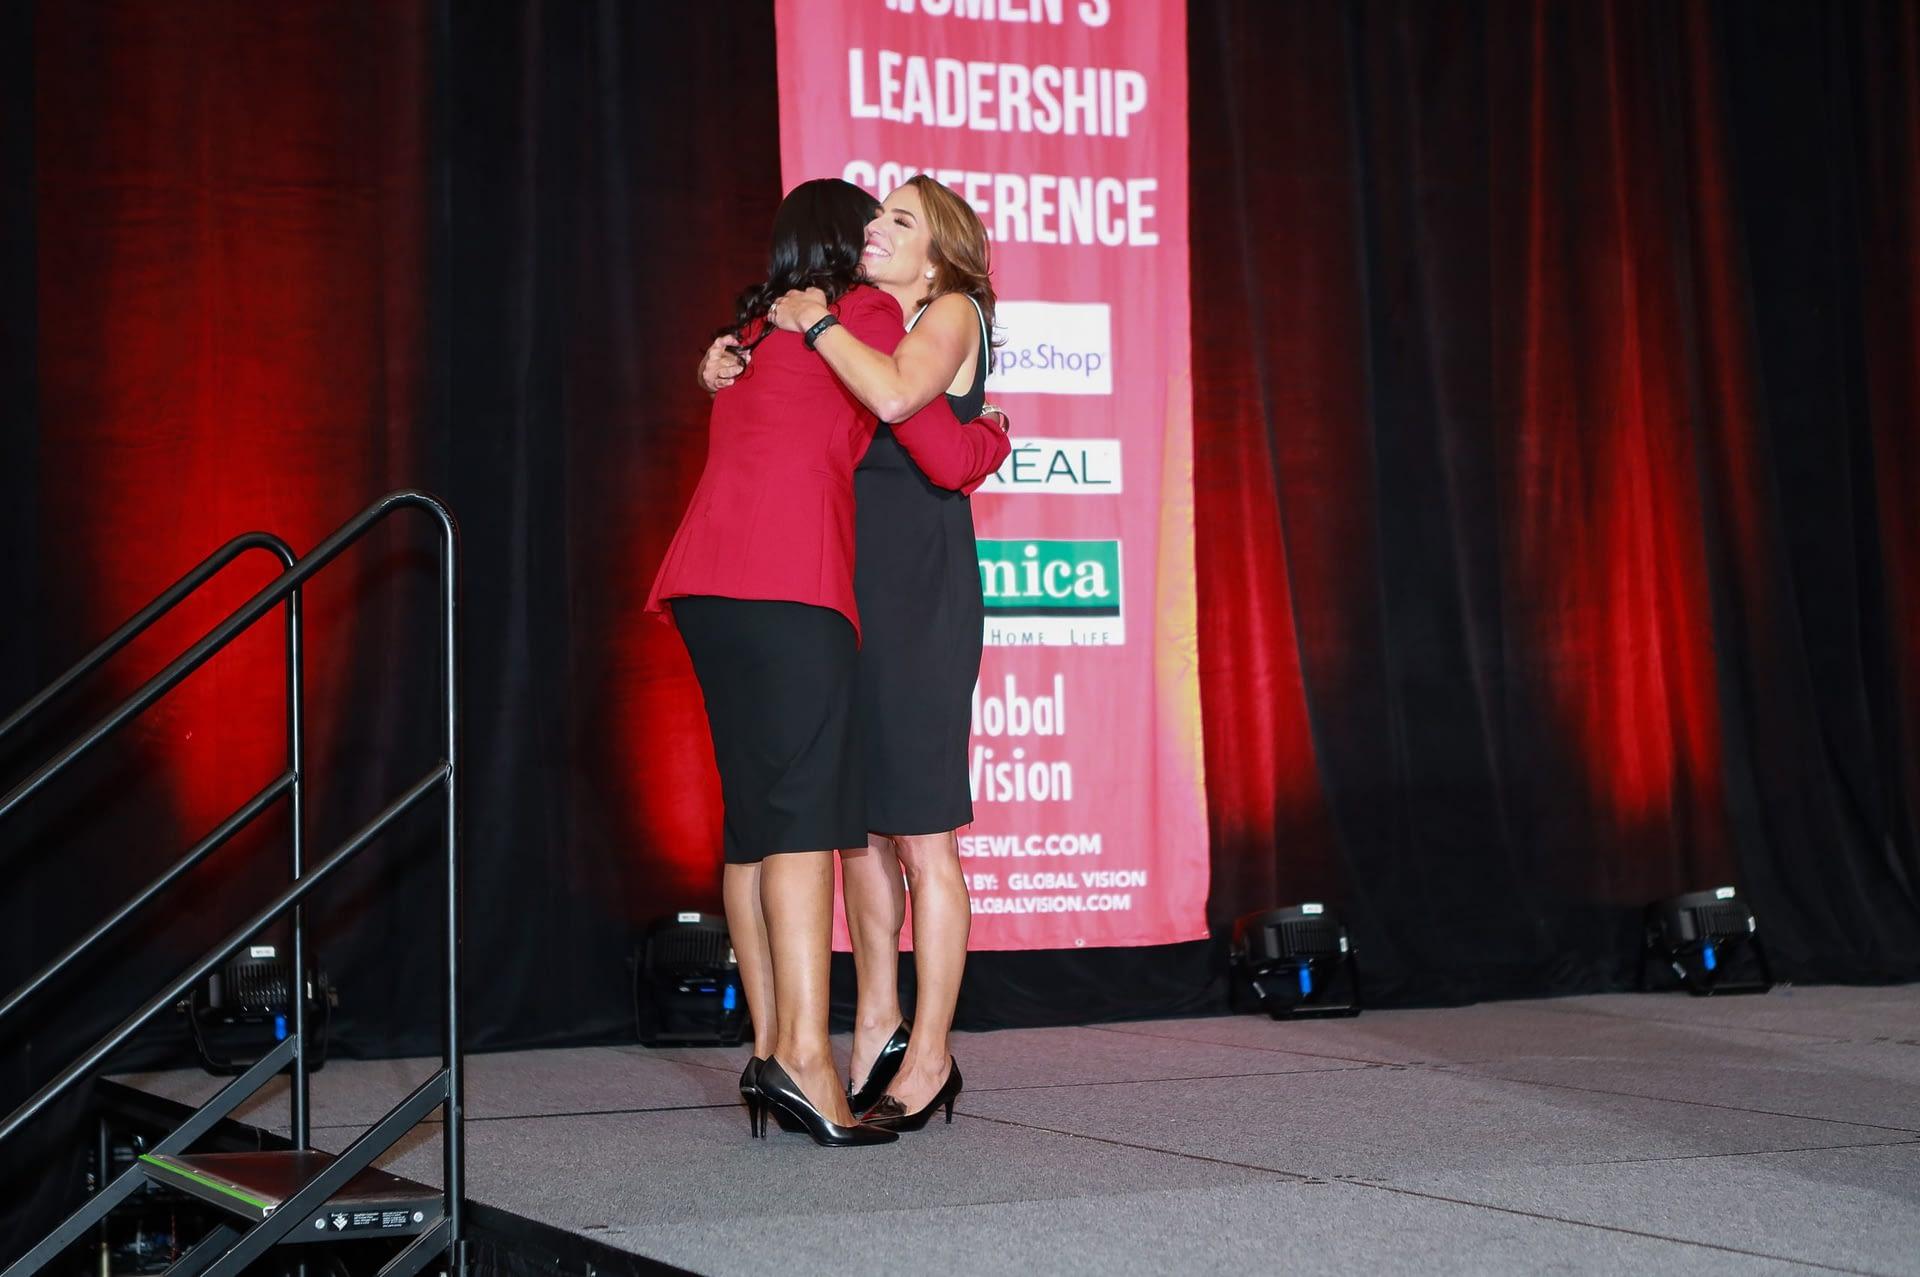 host margie and hilina hug